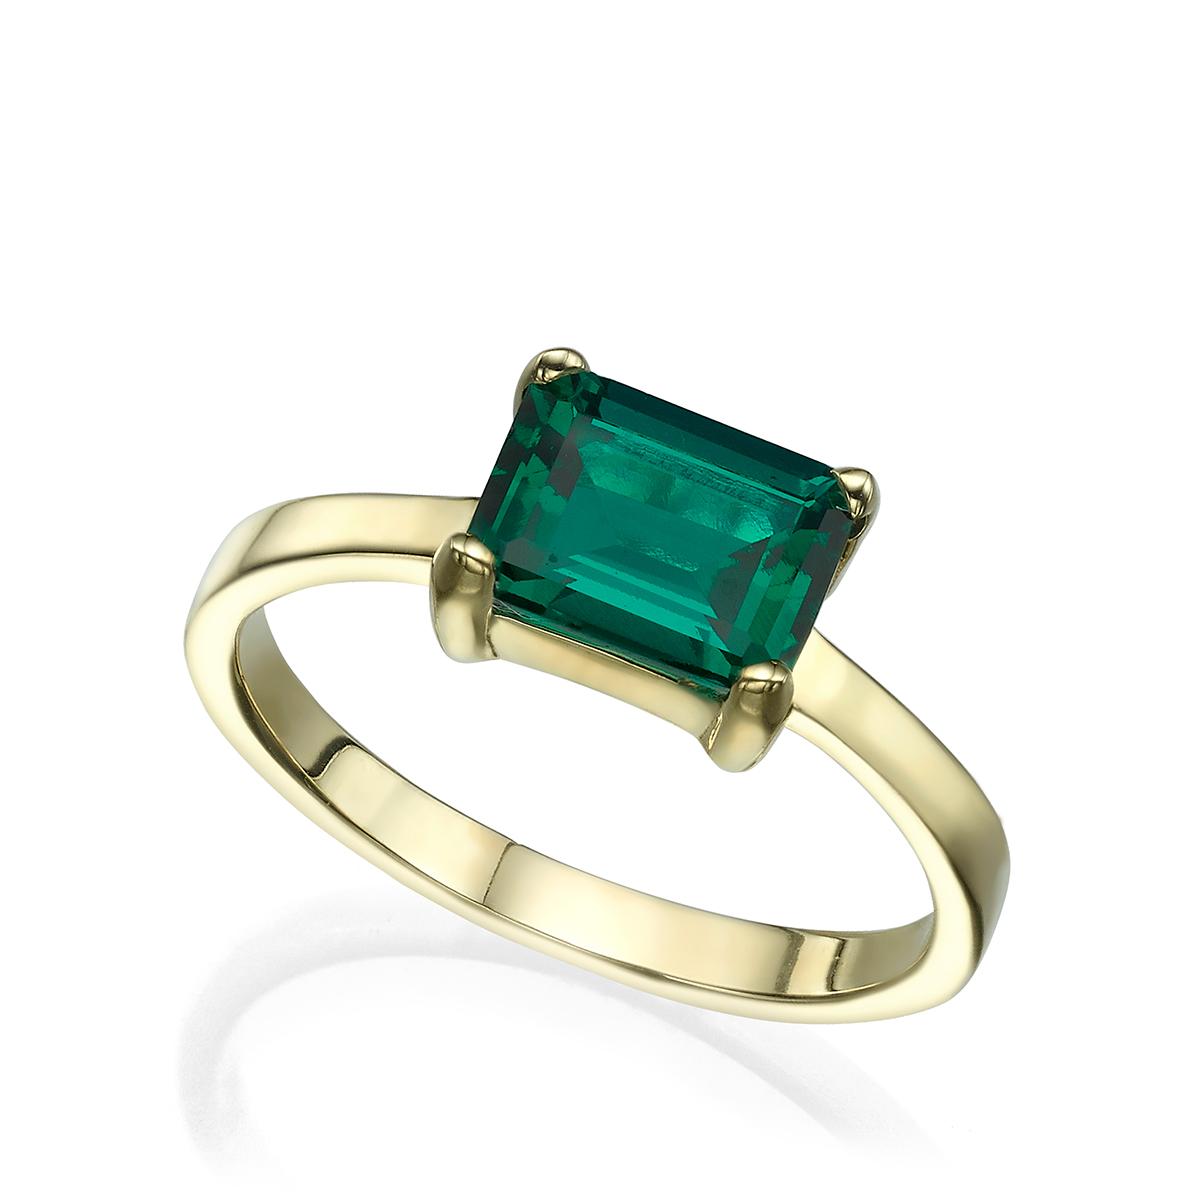 טבעת זהב משובצת אמרלד מעבדה בחיתוך מלבני